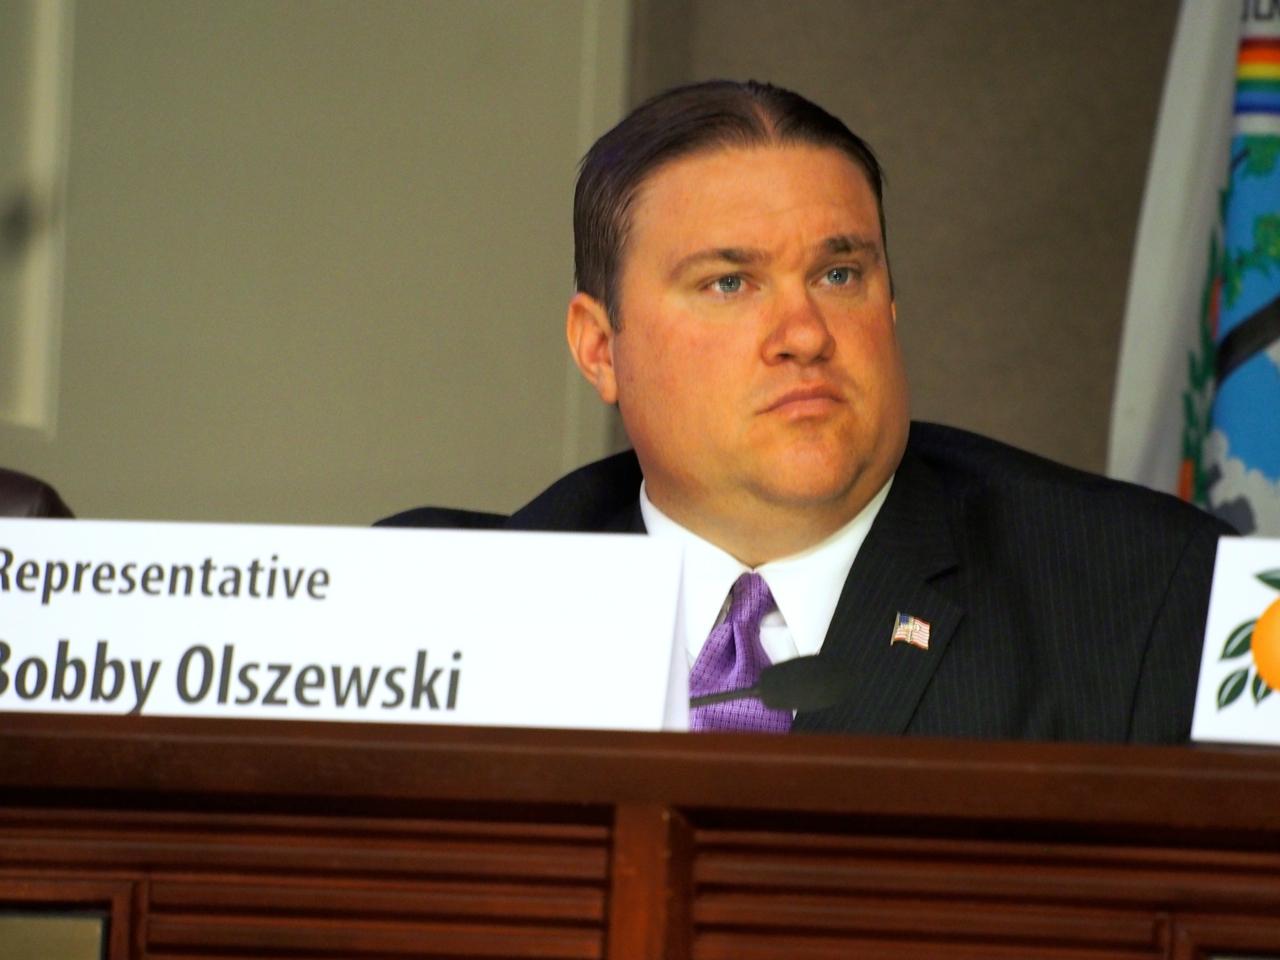 Bobby-Olszewski.jpg